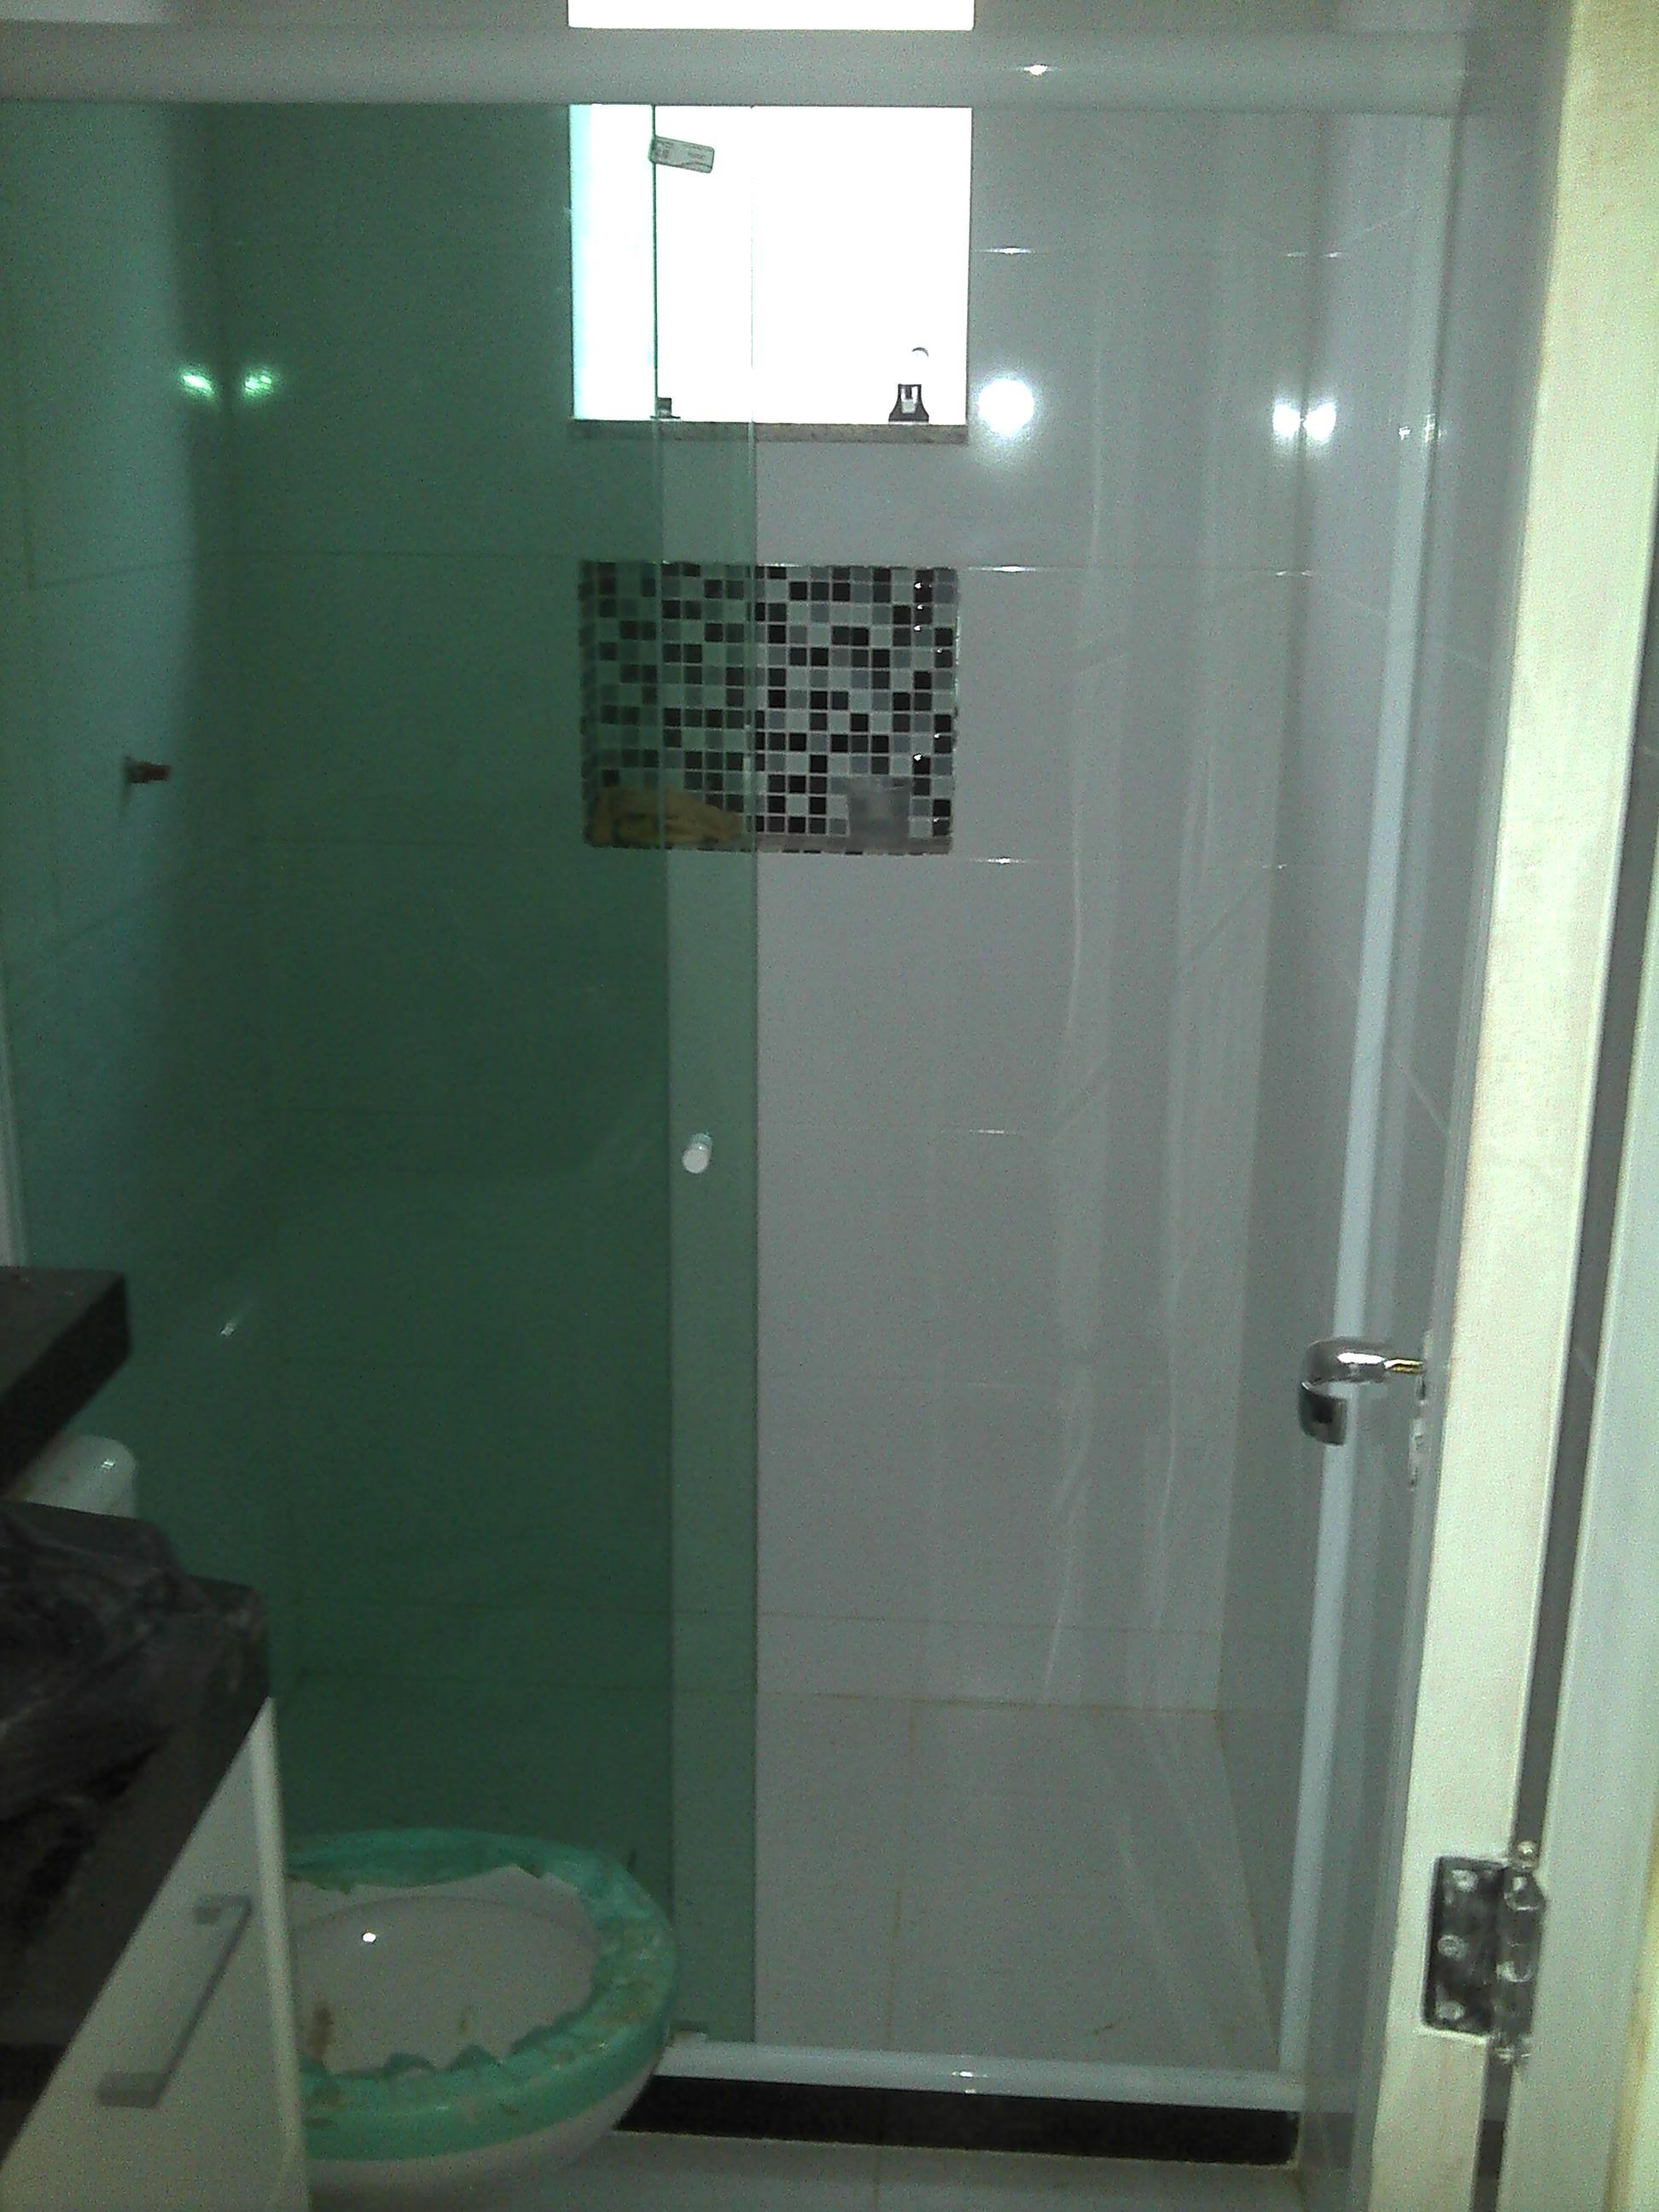 Kit Bancada Banheiro Vidro : Banheiro completo com nicho em pastilhas de vidro bancada